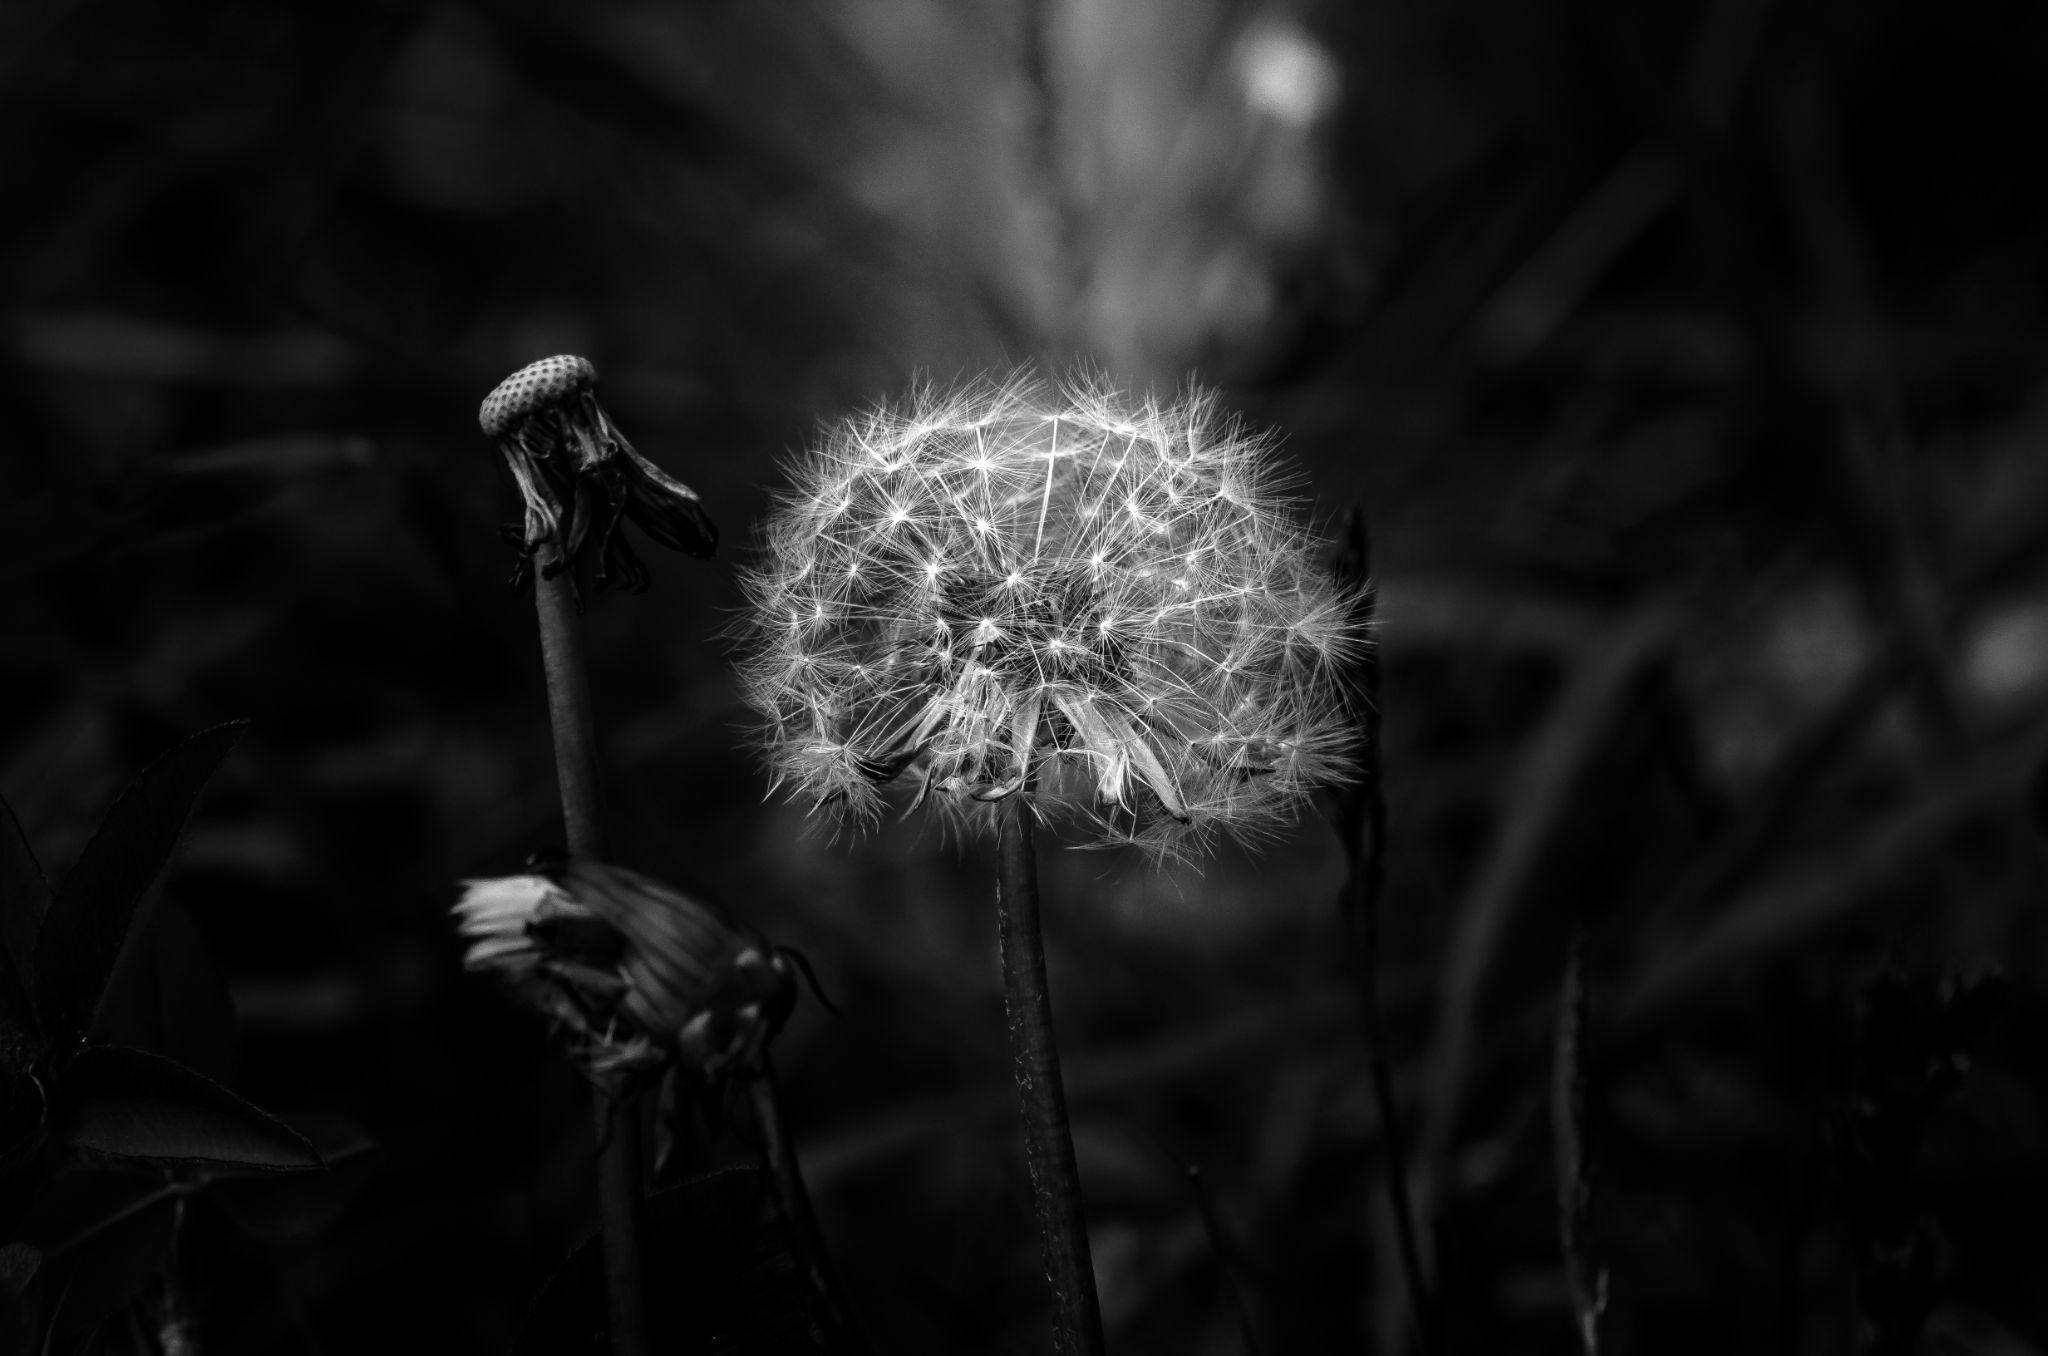 The Flower by royfriskilae